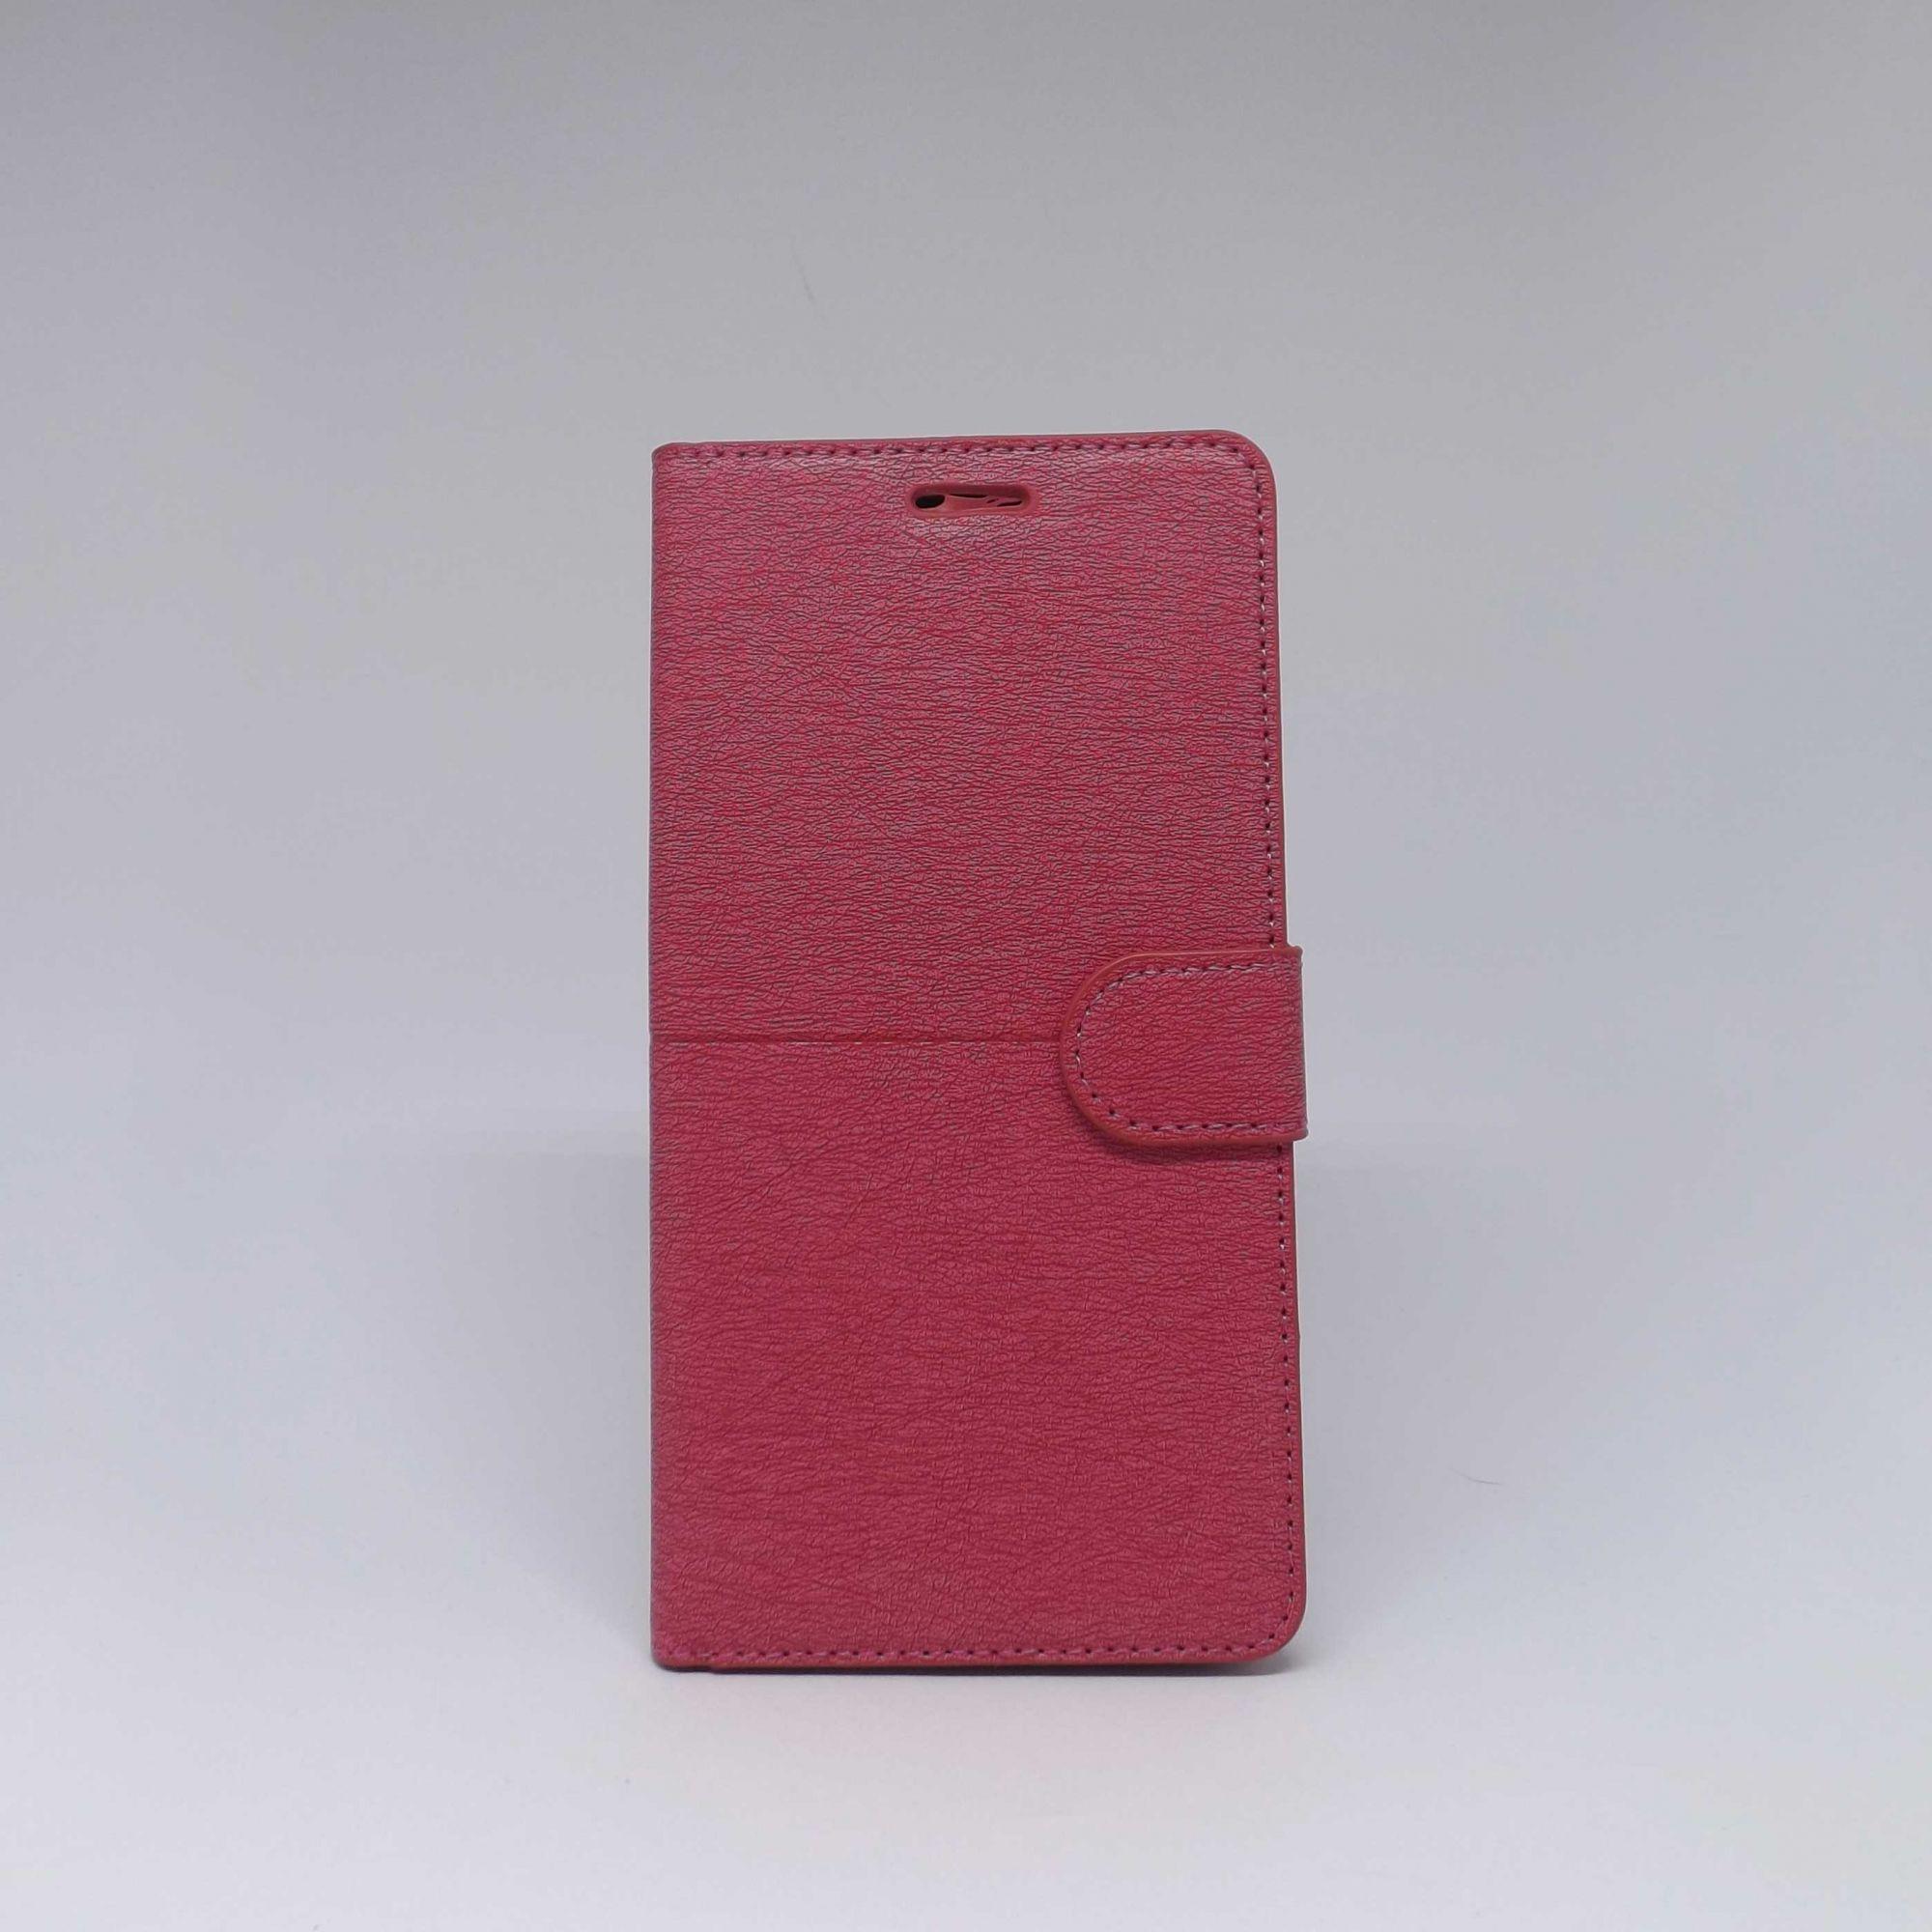 Capa Iphone 6s Plus Carteira